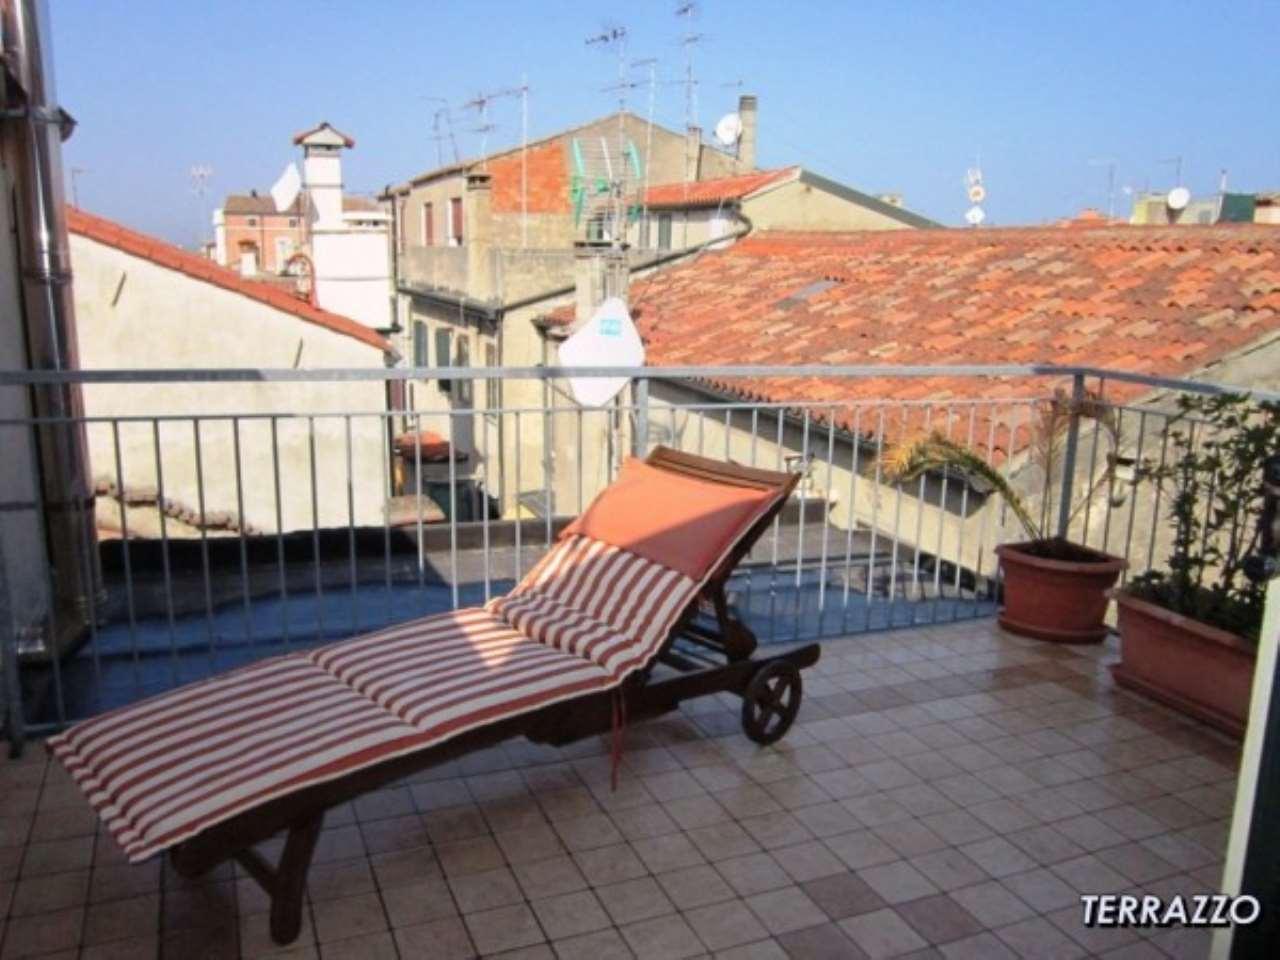 Attico / Mansarda in vendita a Chioggia, 4 locali, prezzo € 195.000 | Cambio Casa.it